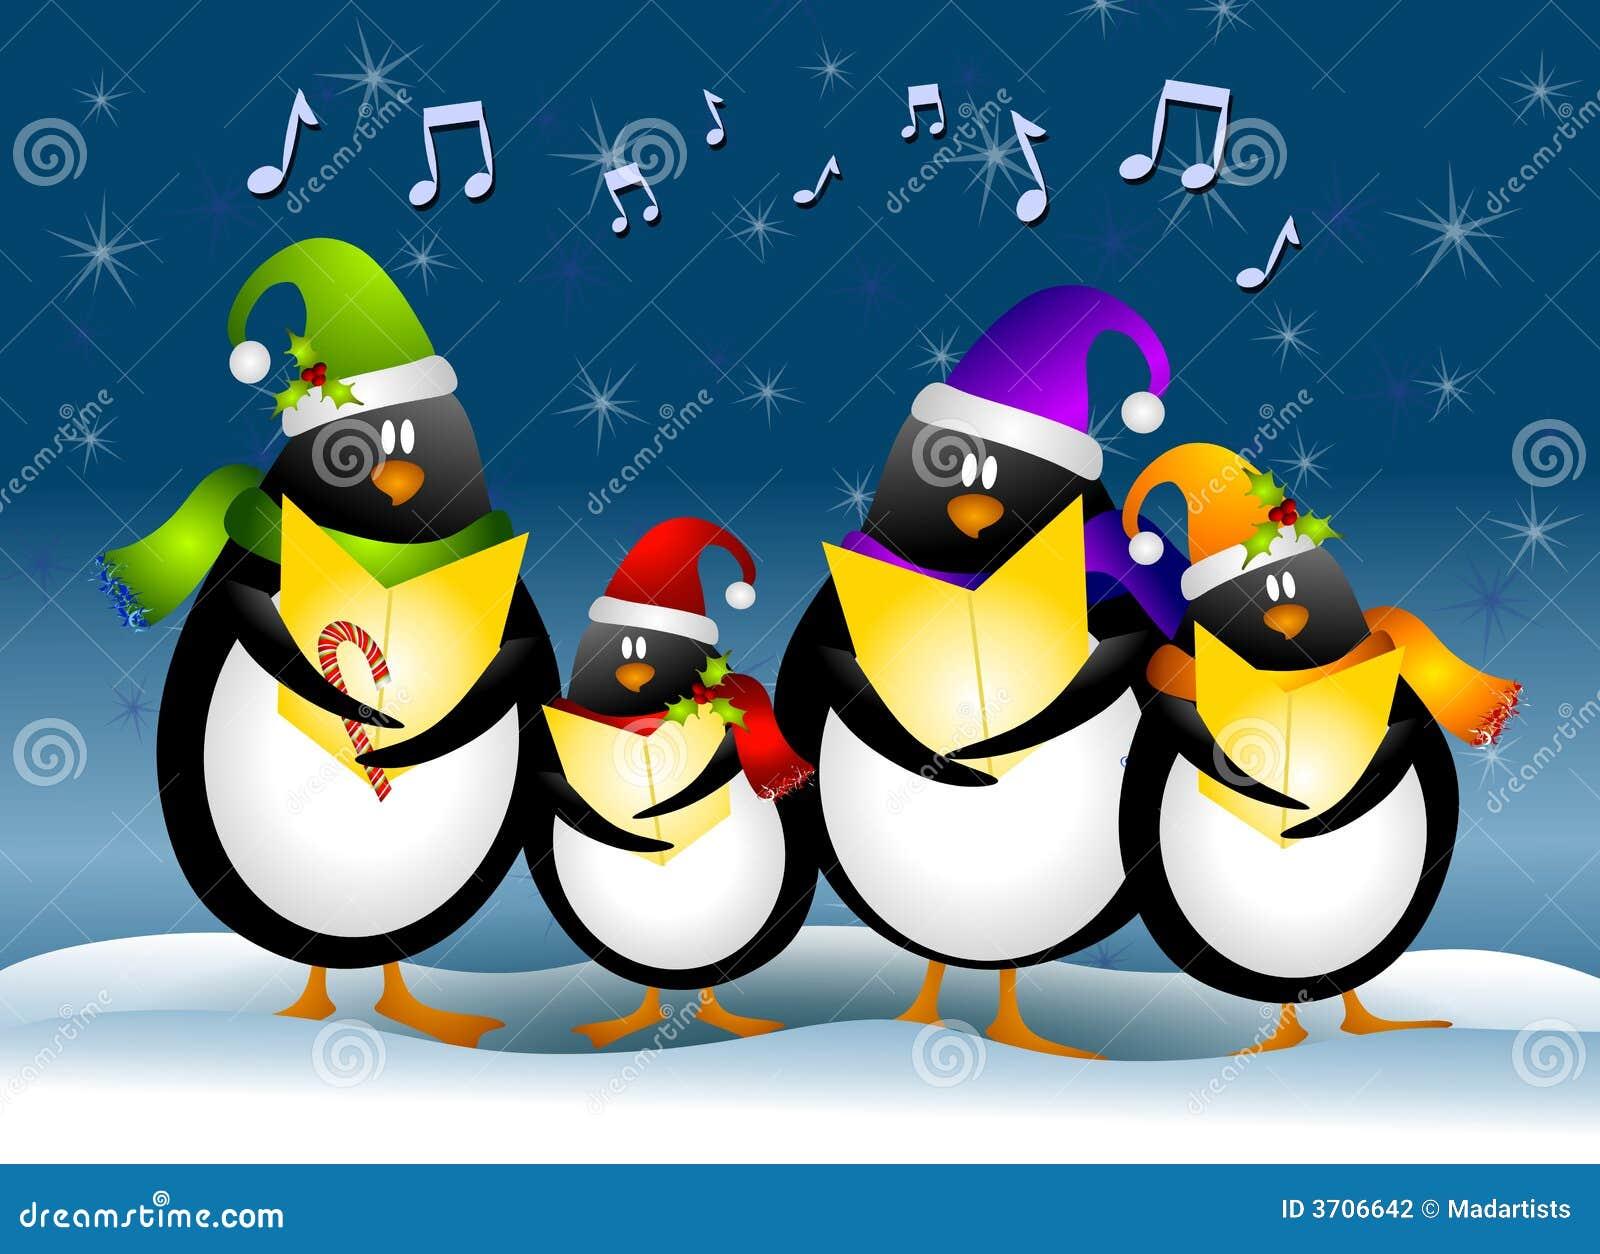 Pinguini di natale di canto illustrazione di stock - Pinguini di natale immagini ...